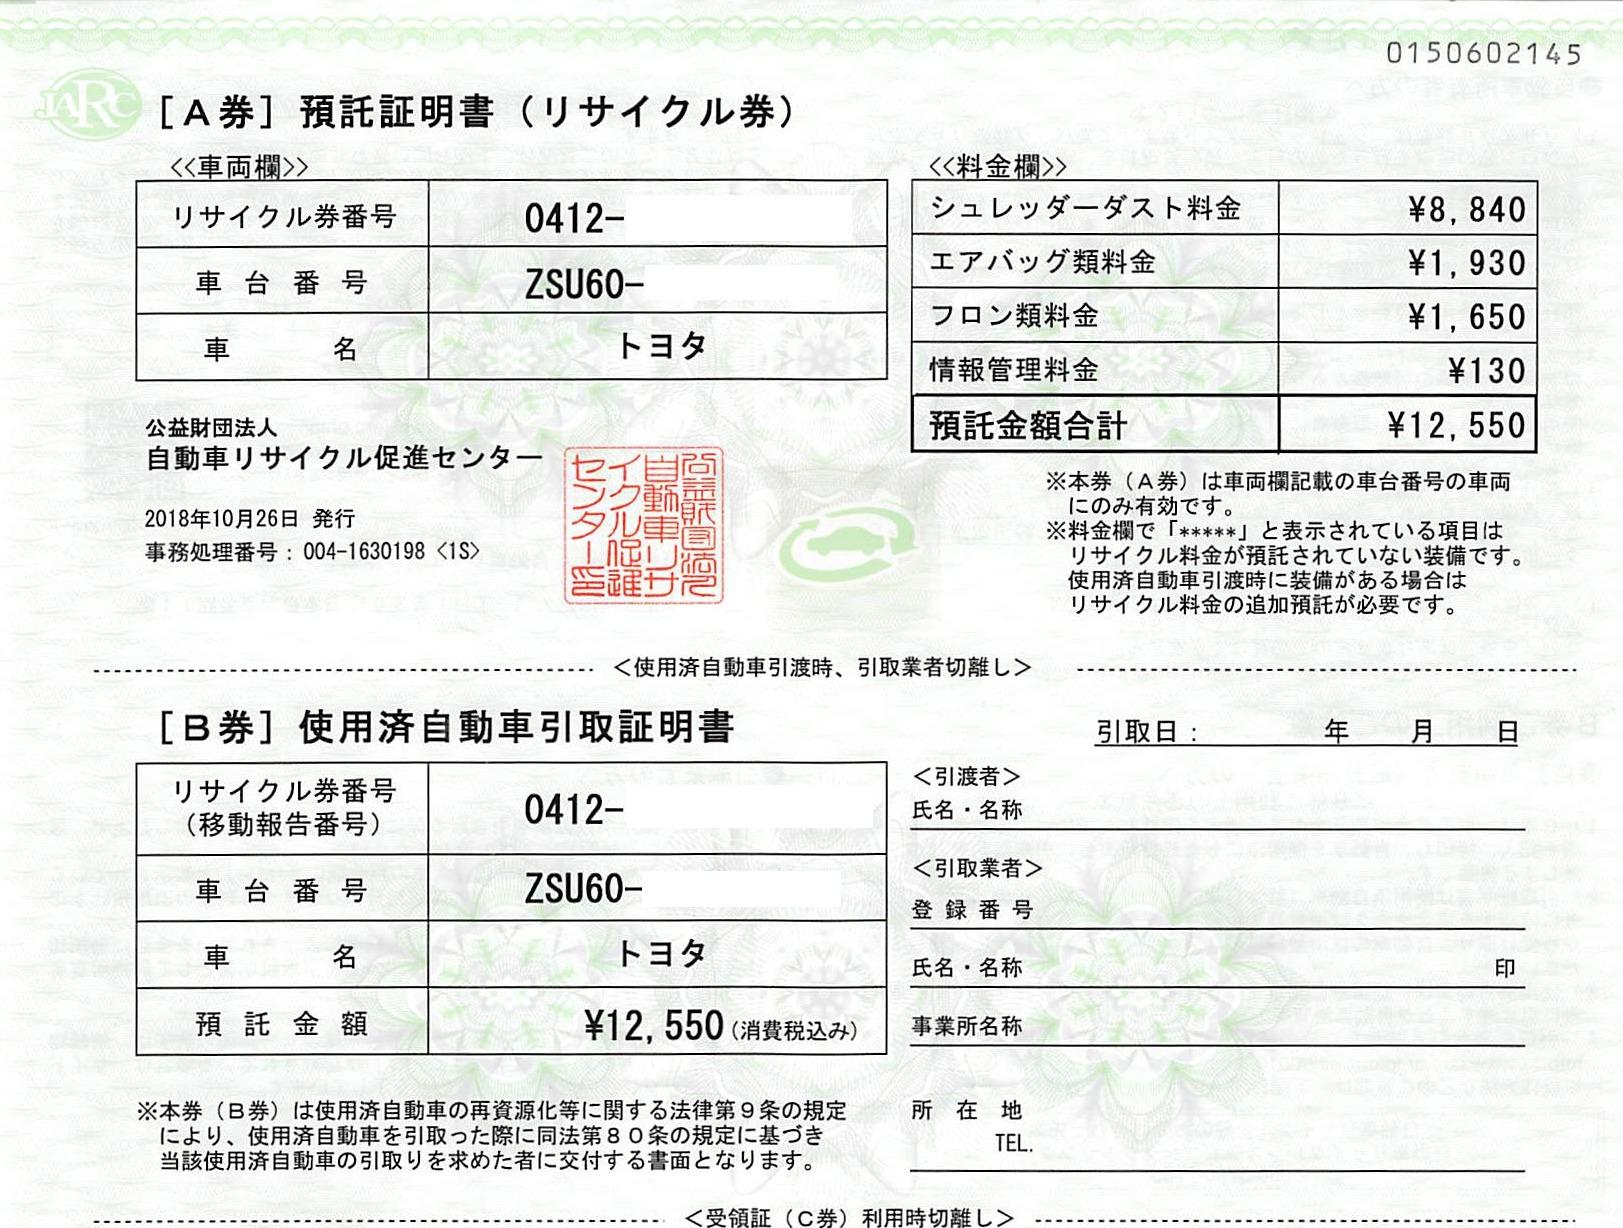 普通自動車の廃車手続きに必要な書類6.リサイクル券(A,B券)の見本